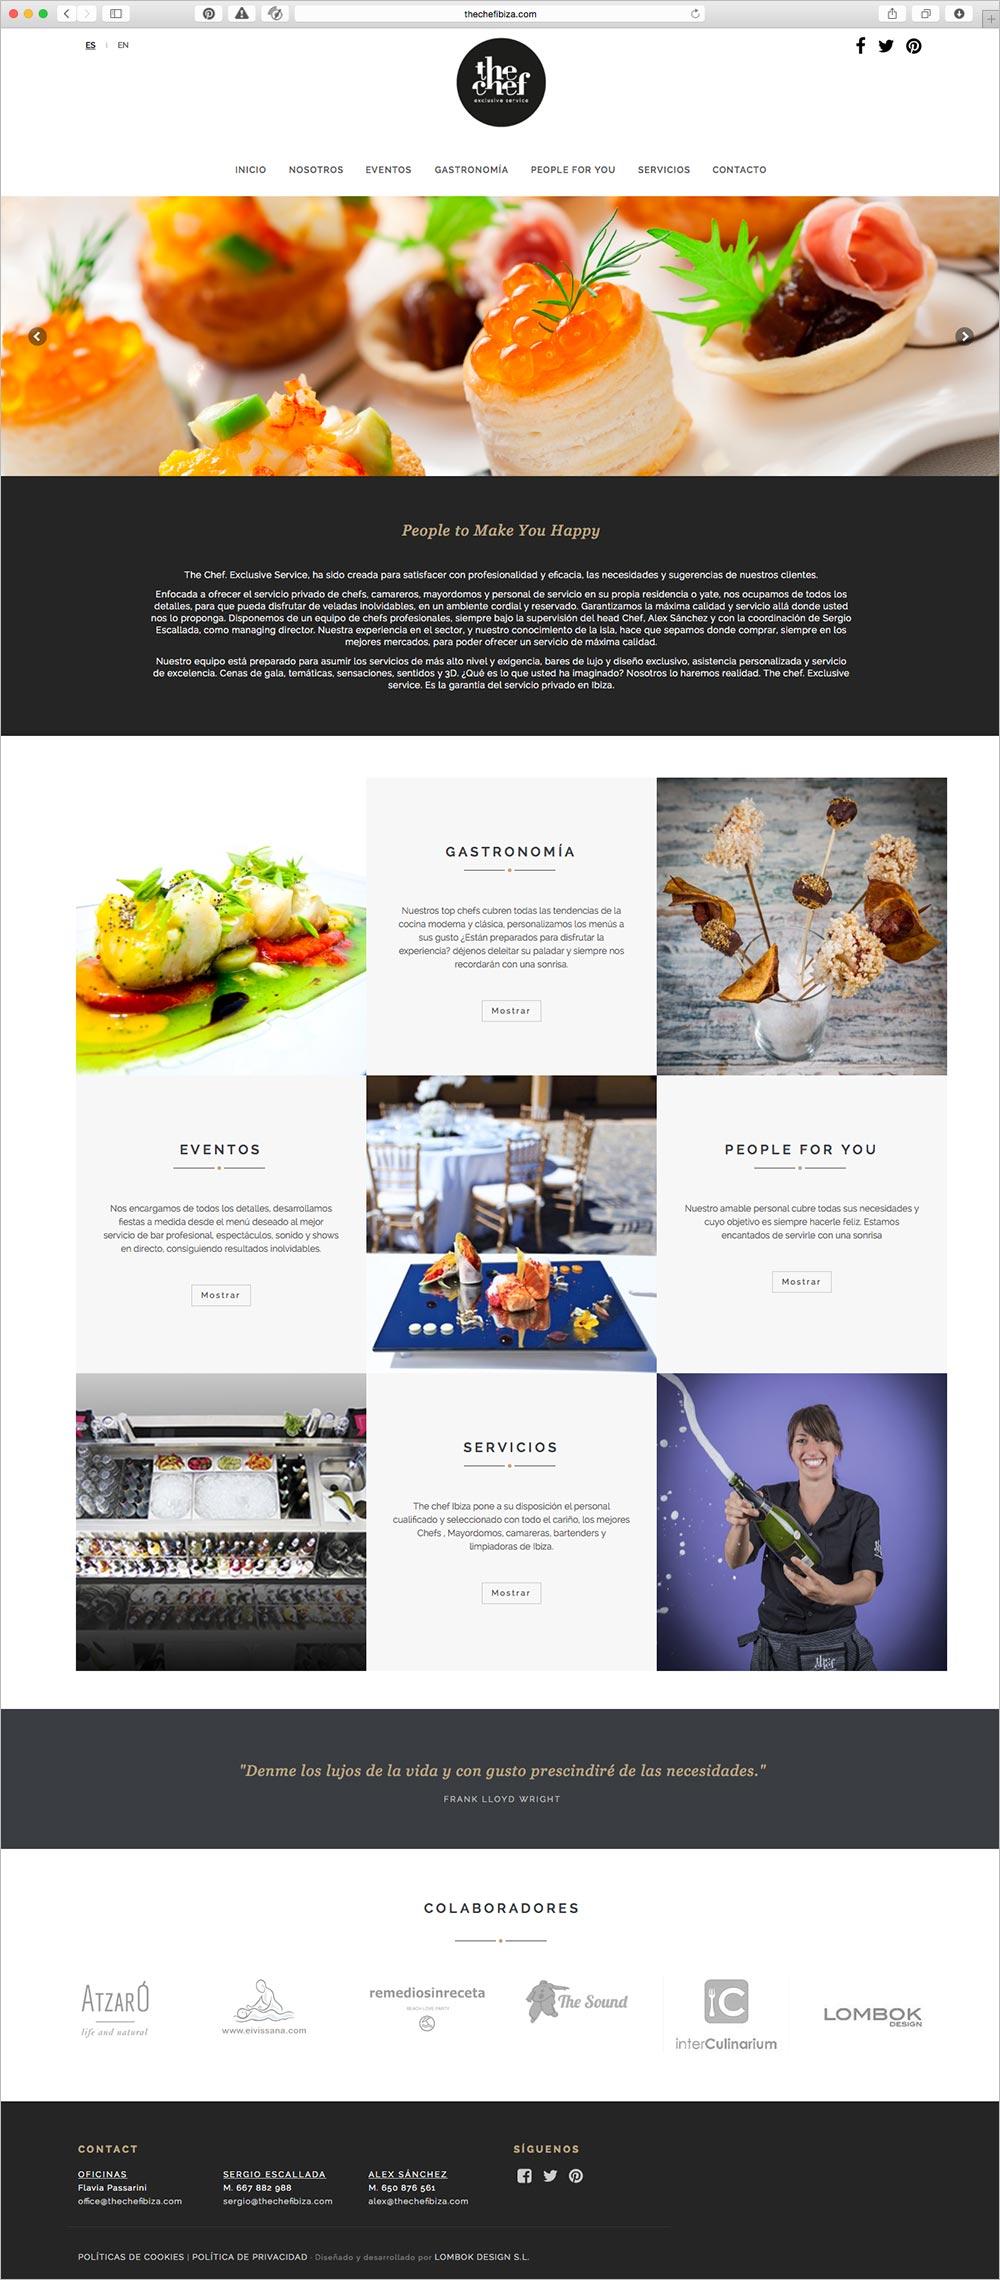 nueva página web The Chef Ibiza